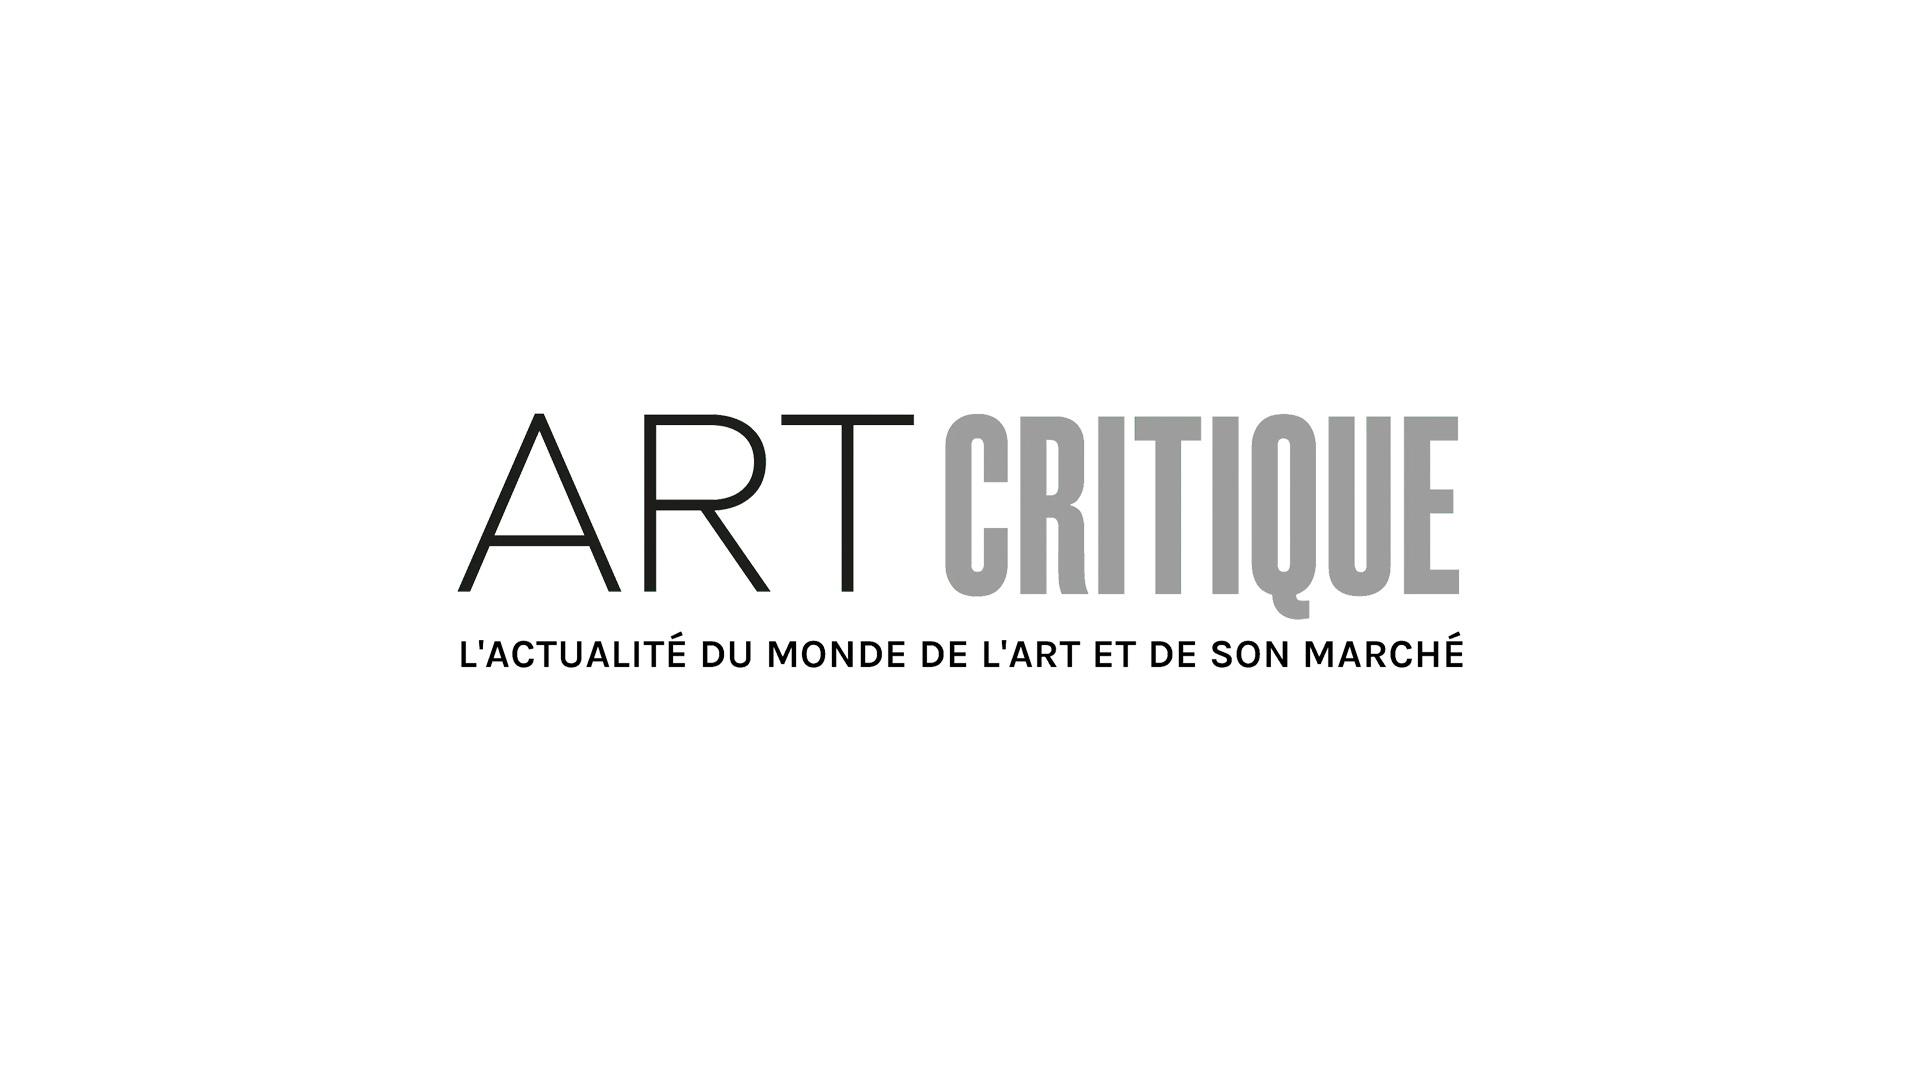 Les sculptures horizontales de Carl Andre